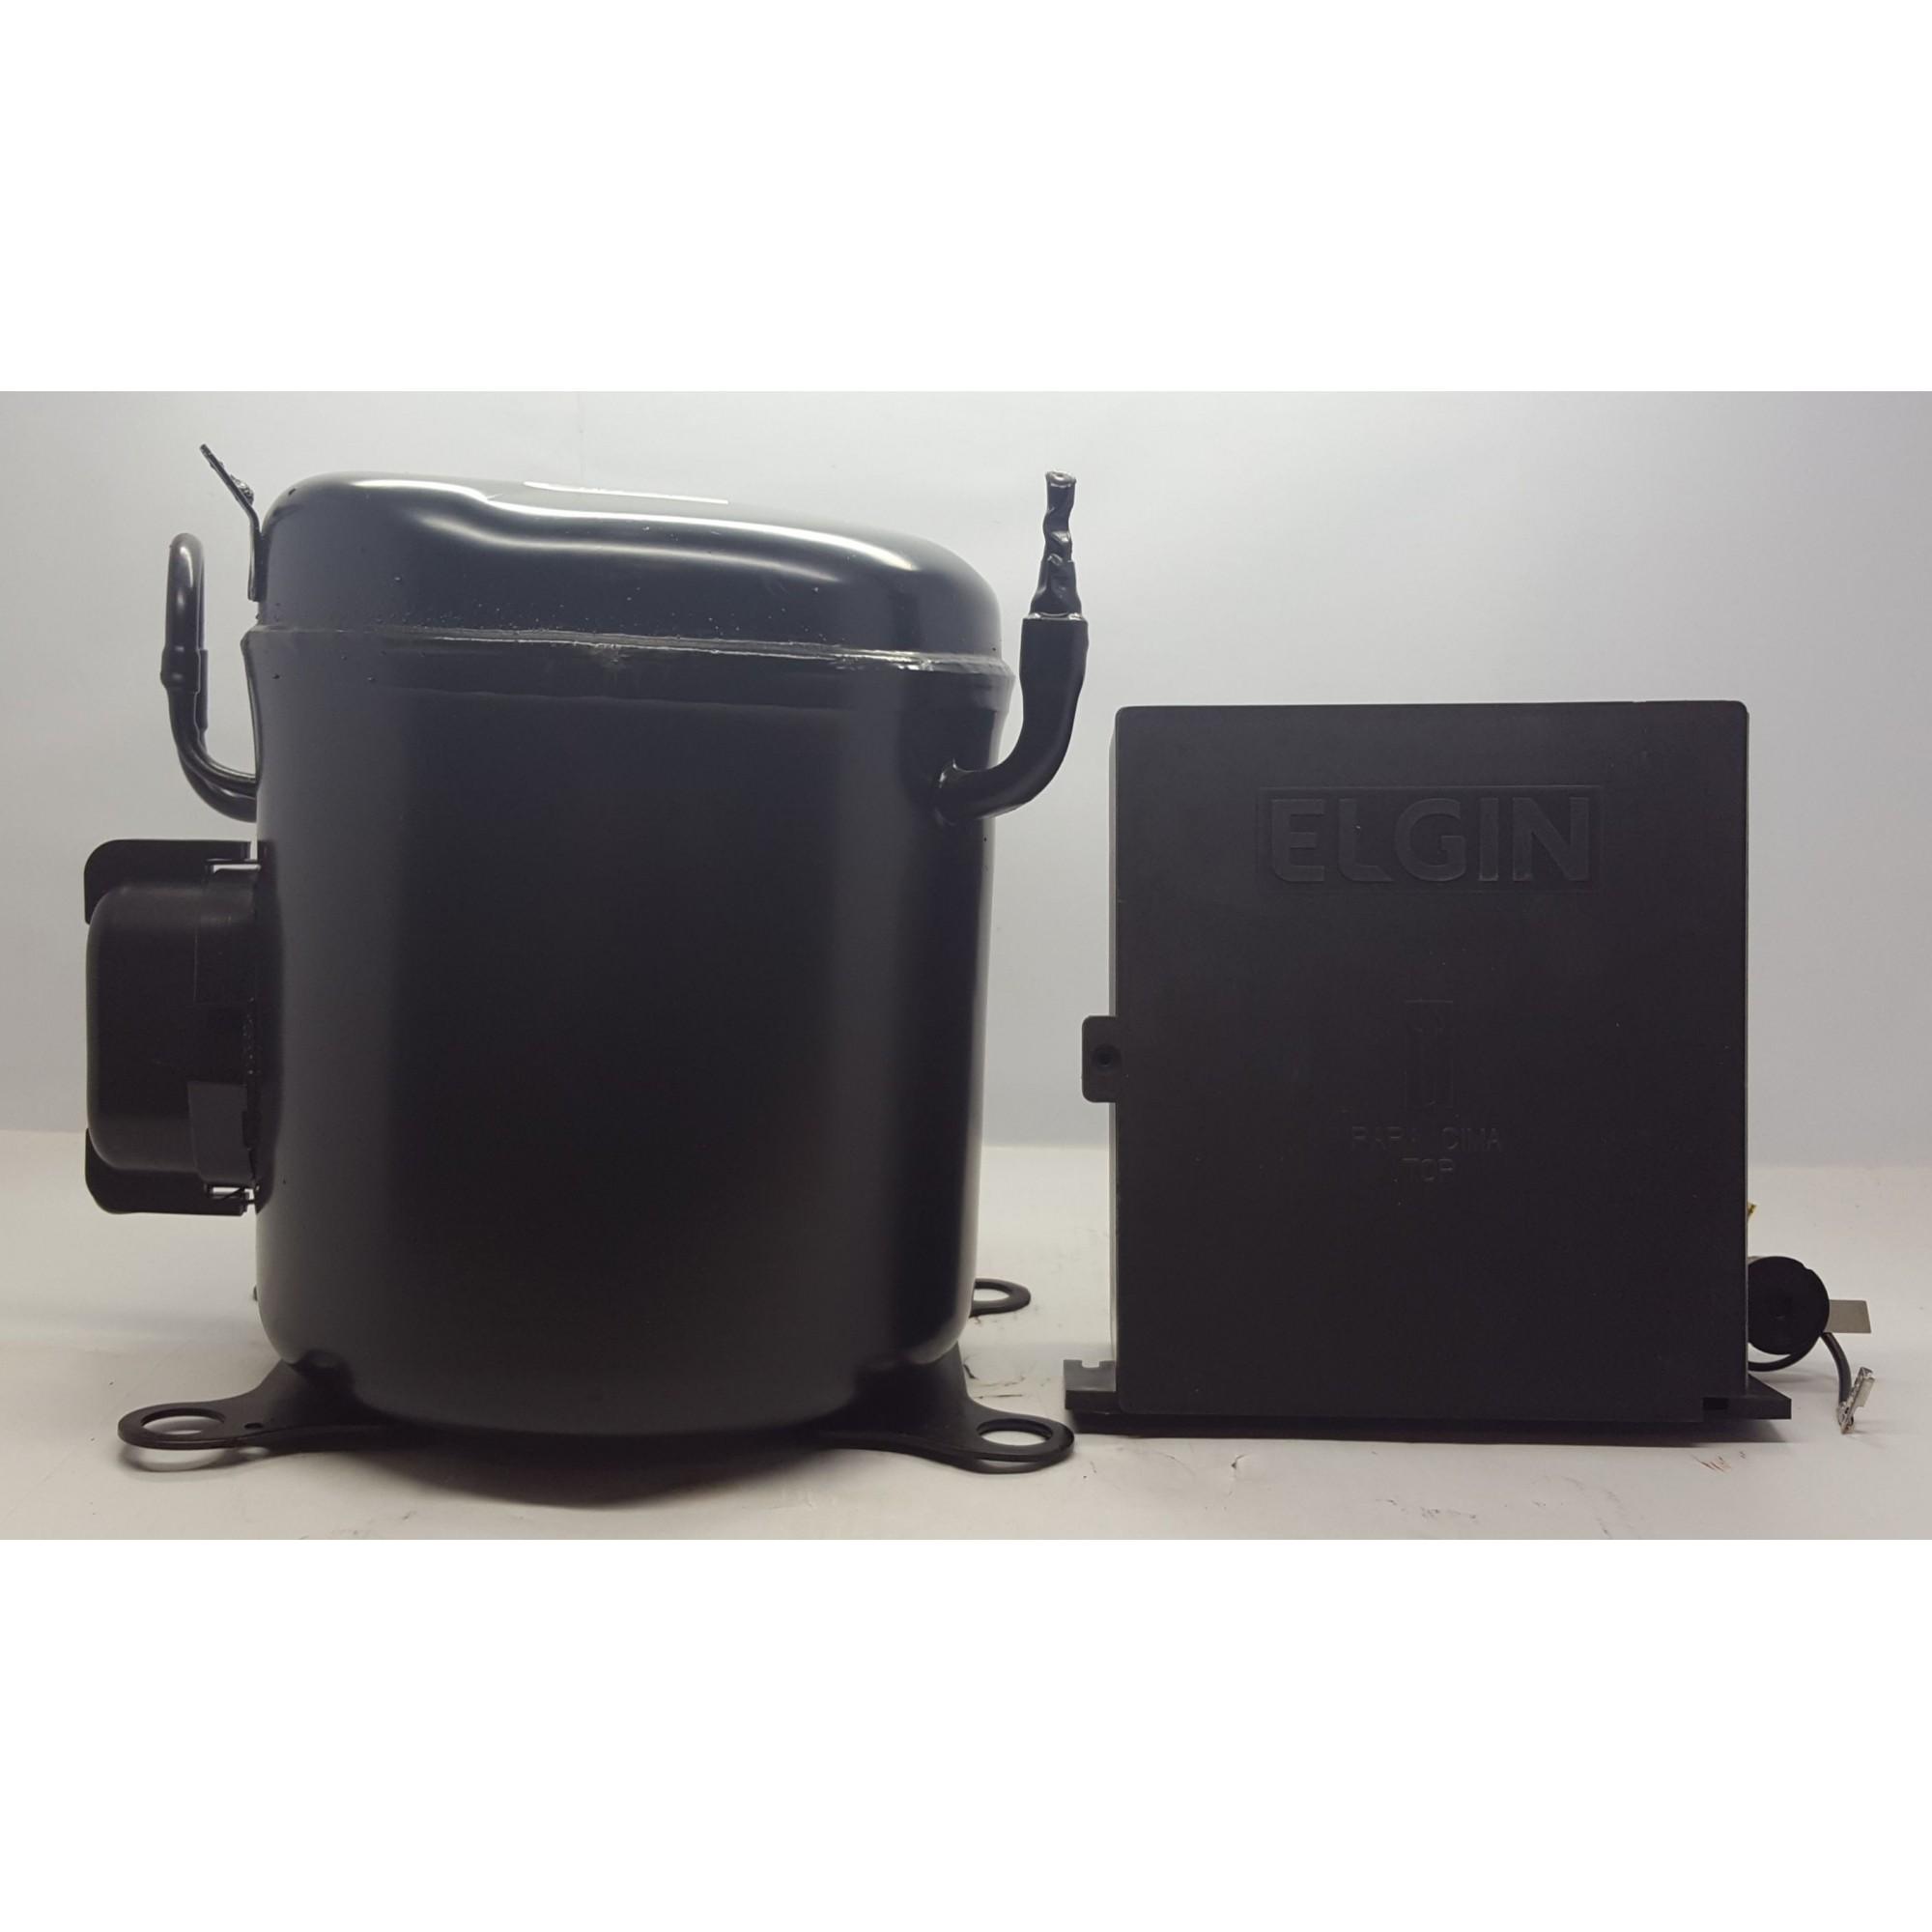 COMPRESSOR ELGIN 1 1/4 HP - TCM-2062-E - R22 (220v)